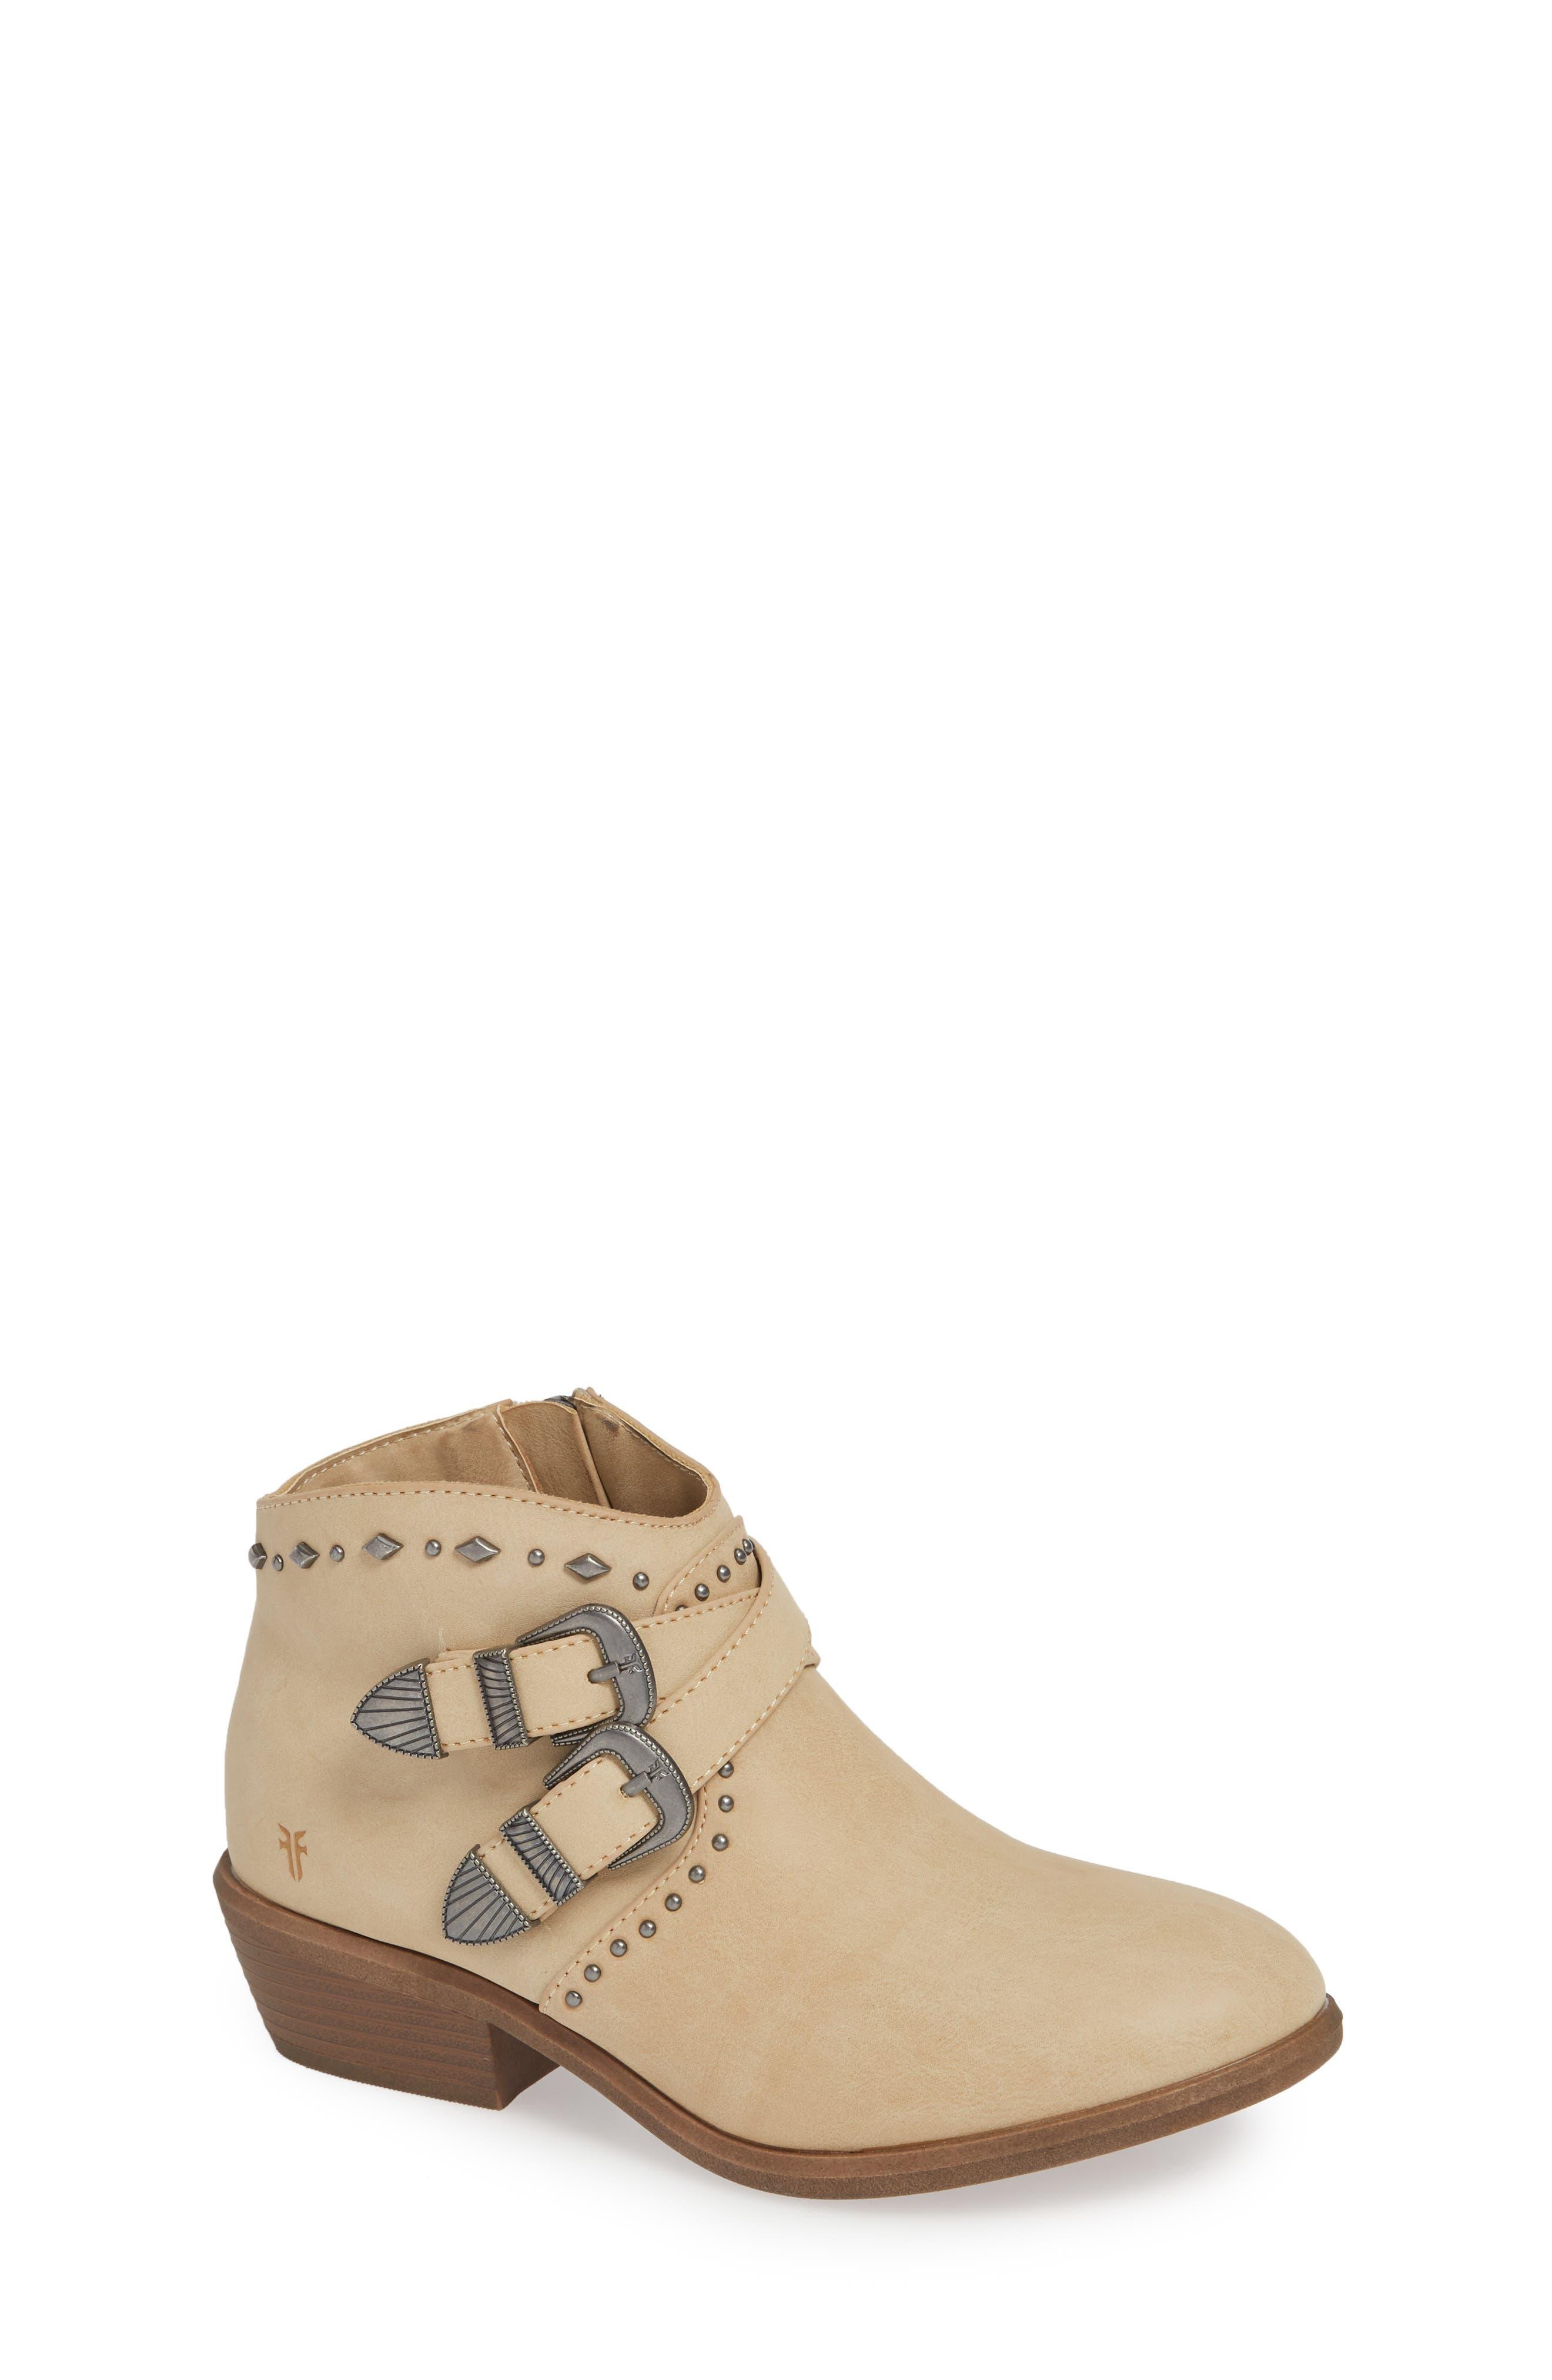 FRYE, Ellen Stud Boots, Main thumbnail 1, color, 281